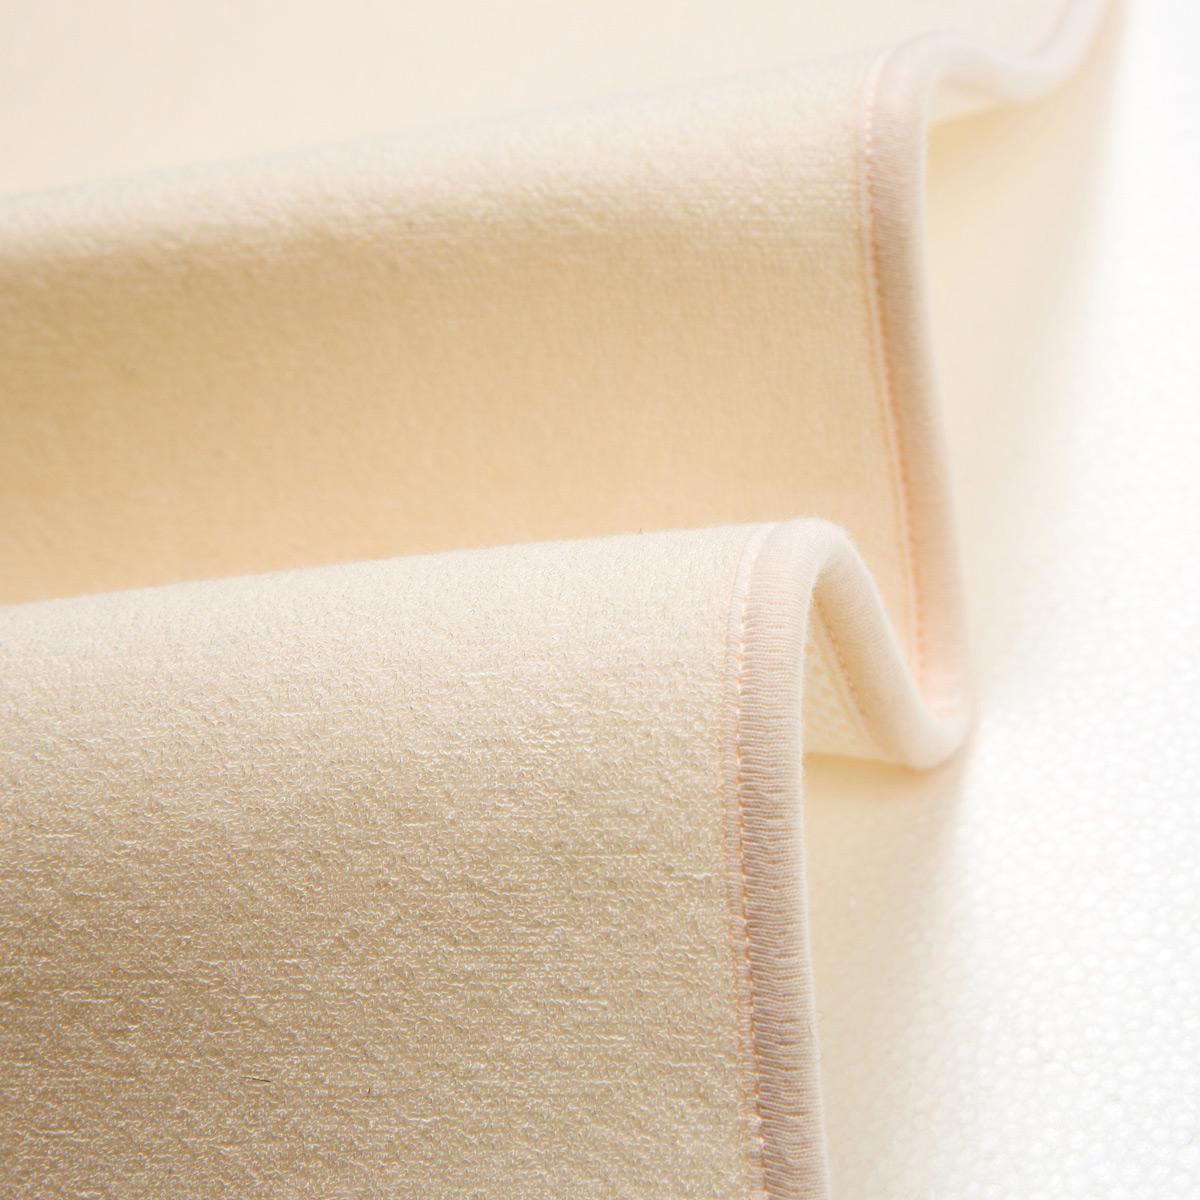 水星宝贝婴儿隔尿垫大号新生儿童用品防水透气宝宝床垫防漏尿可洗